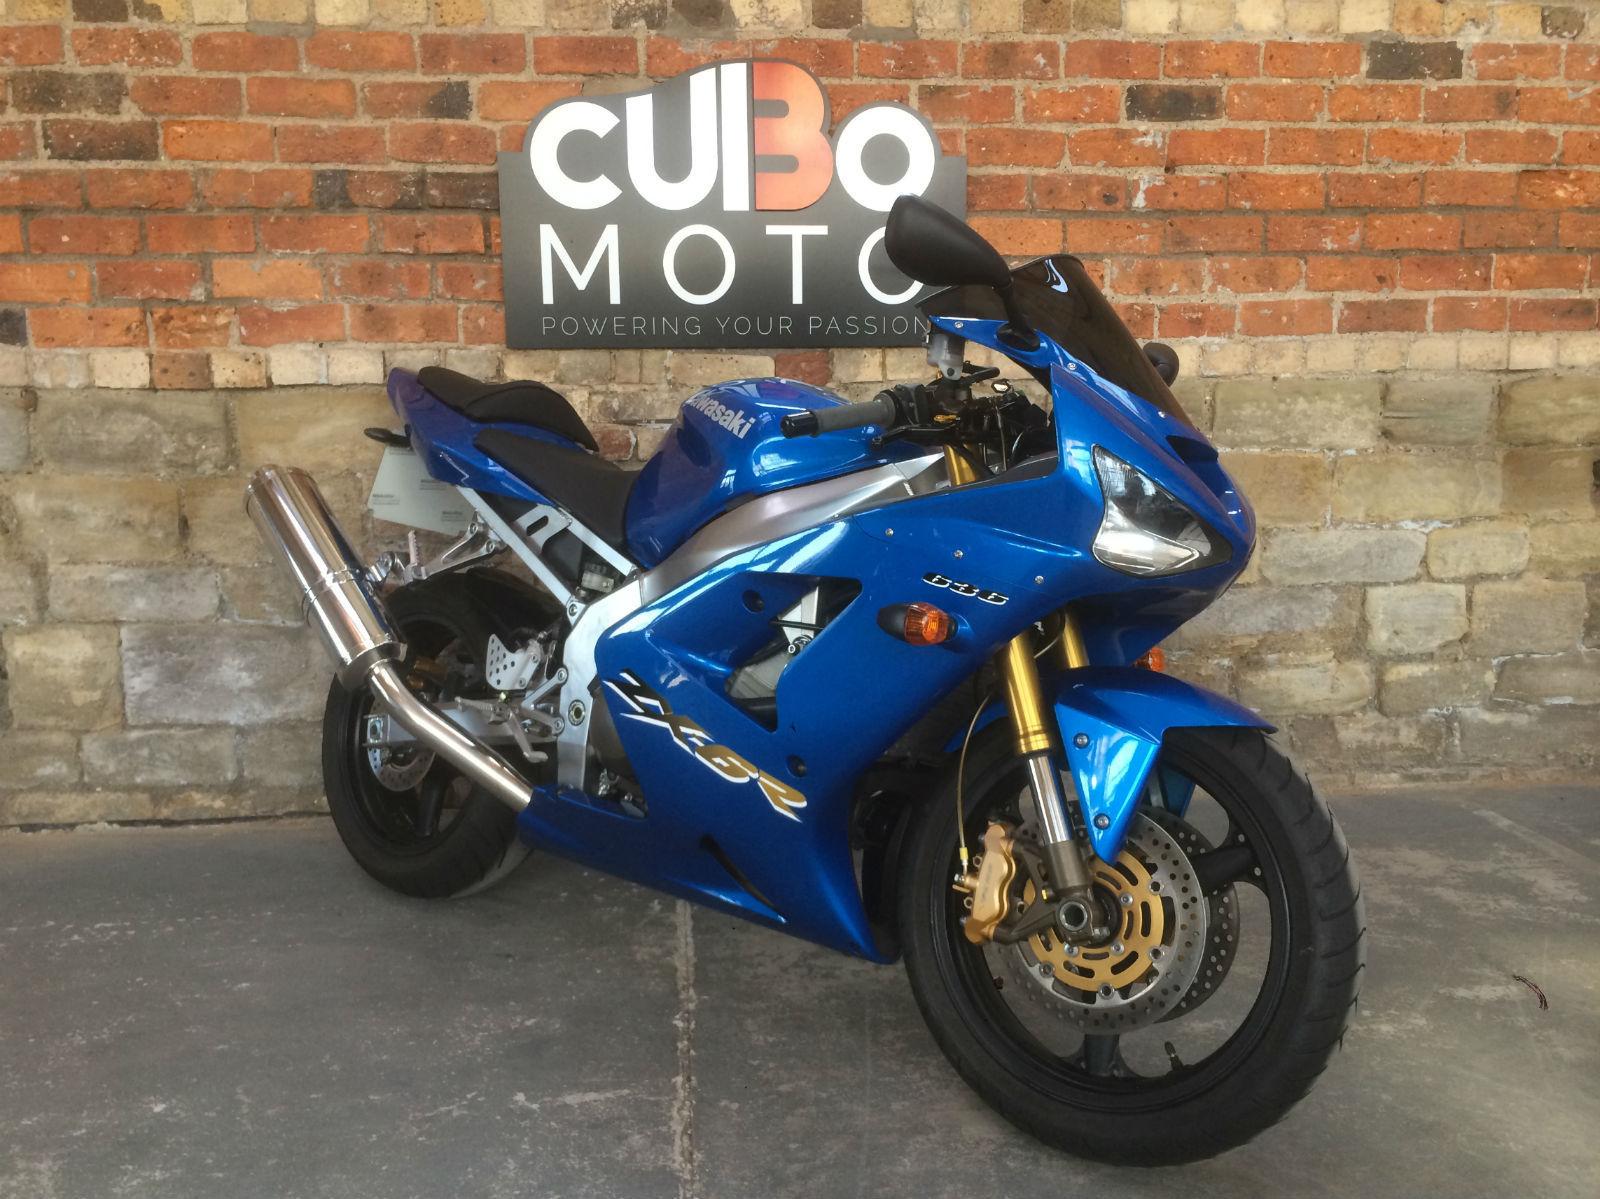 2003 03 Reg Kawasaki Ninja 636 Cc Zx636 B1h Zx 6r Metallic Blue